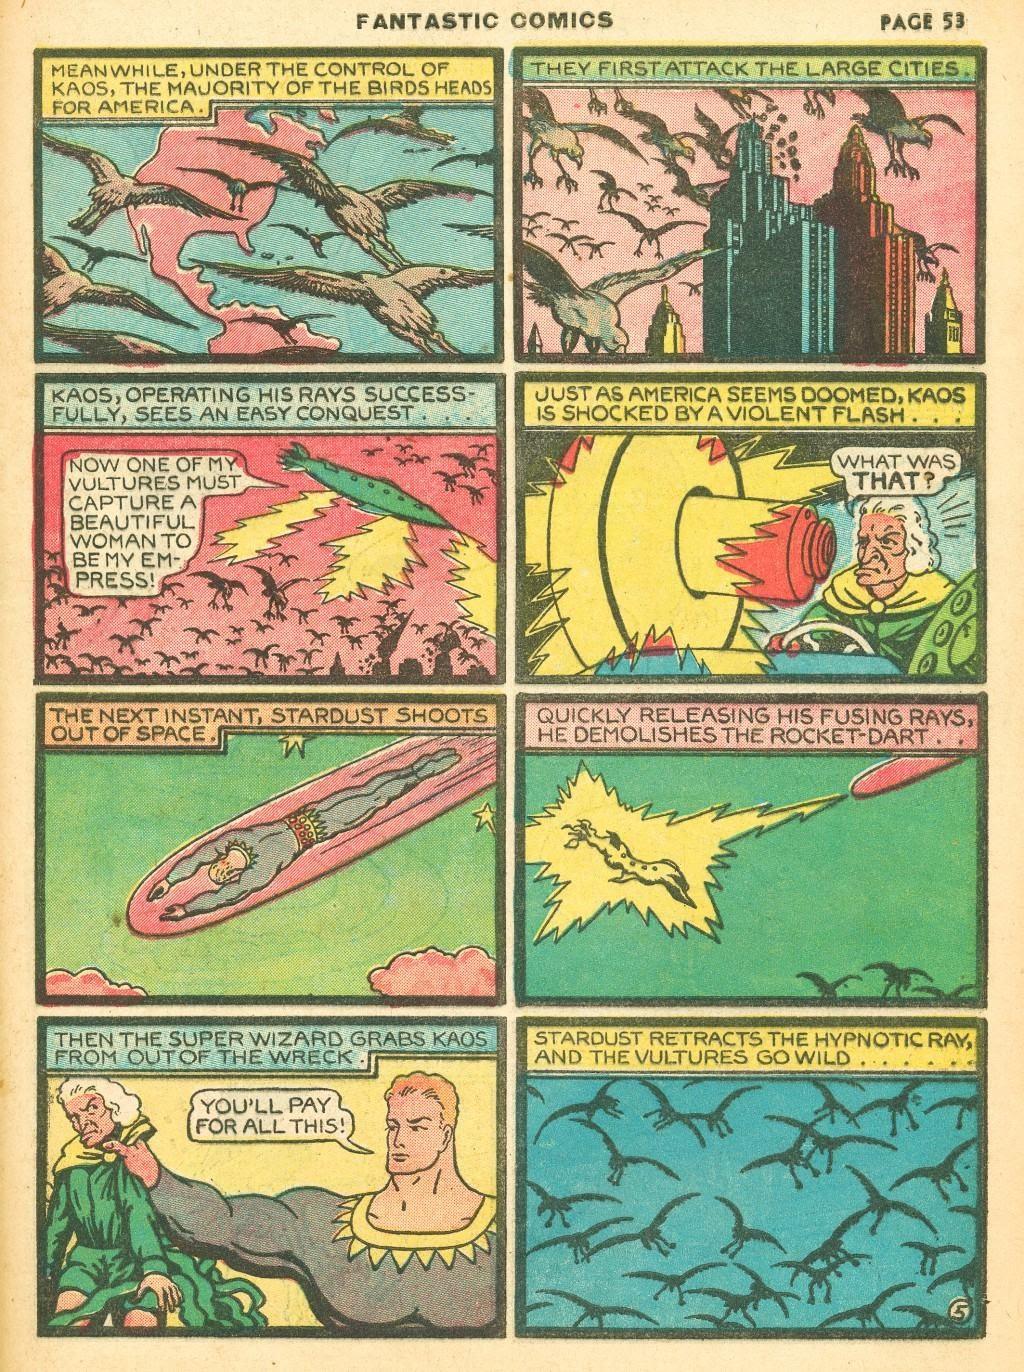 Read online Fantastic Comics comic -  Issue #12 - 55